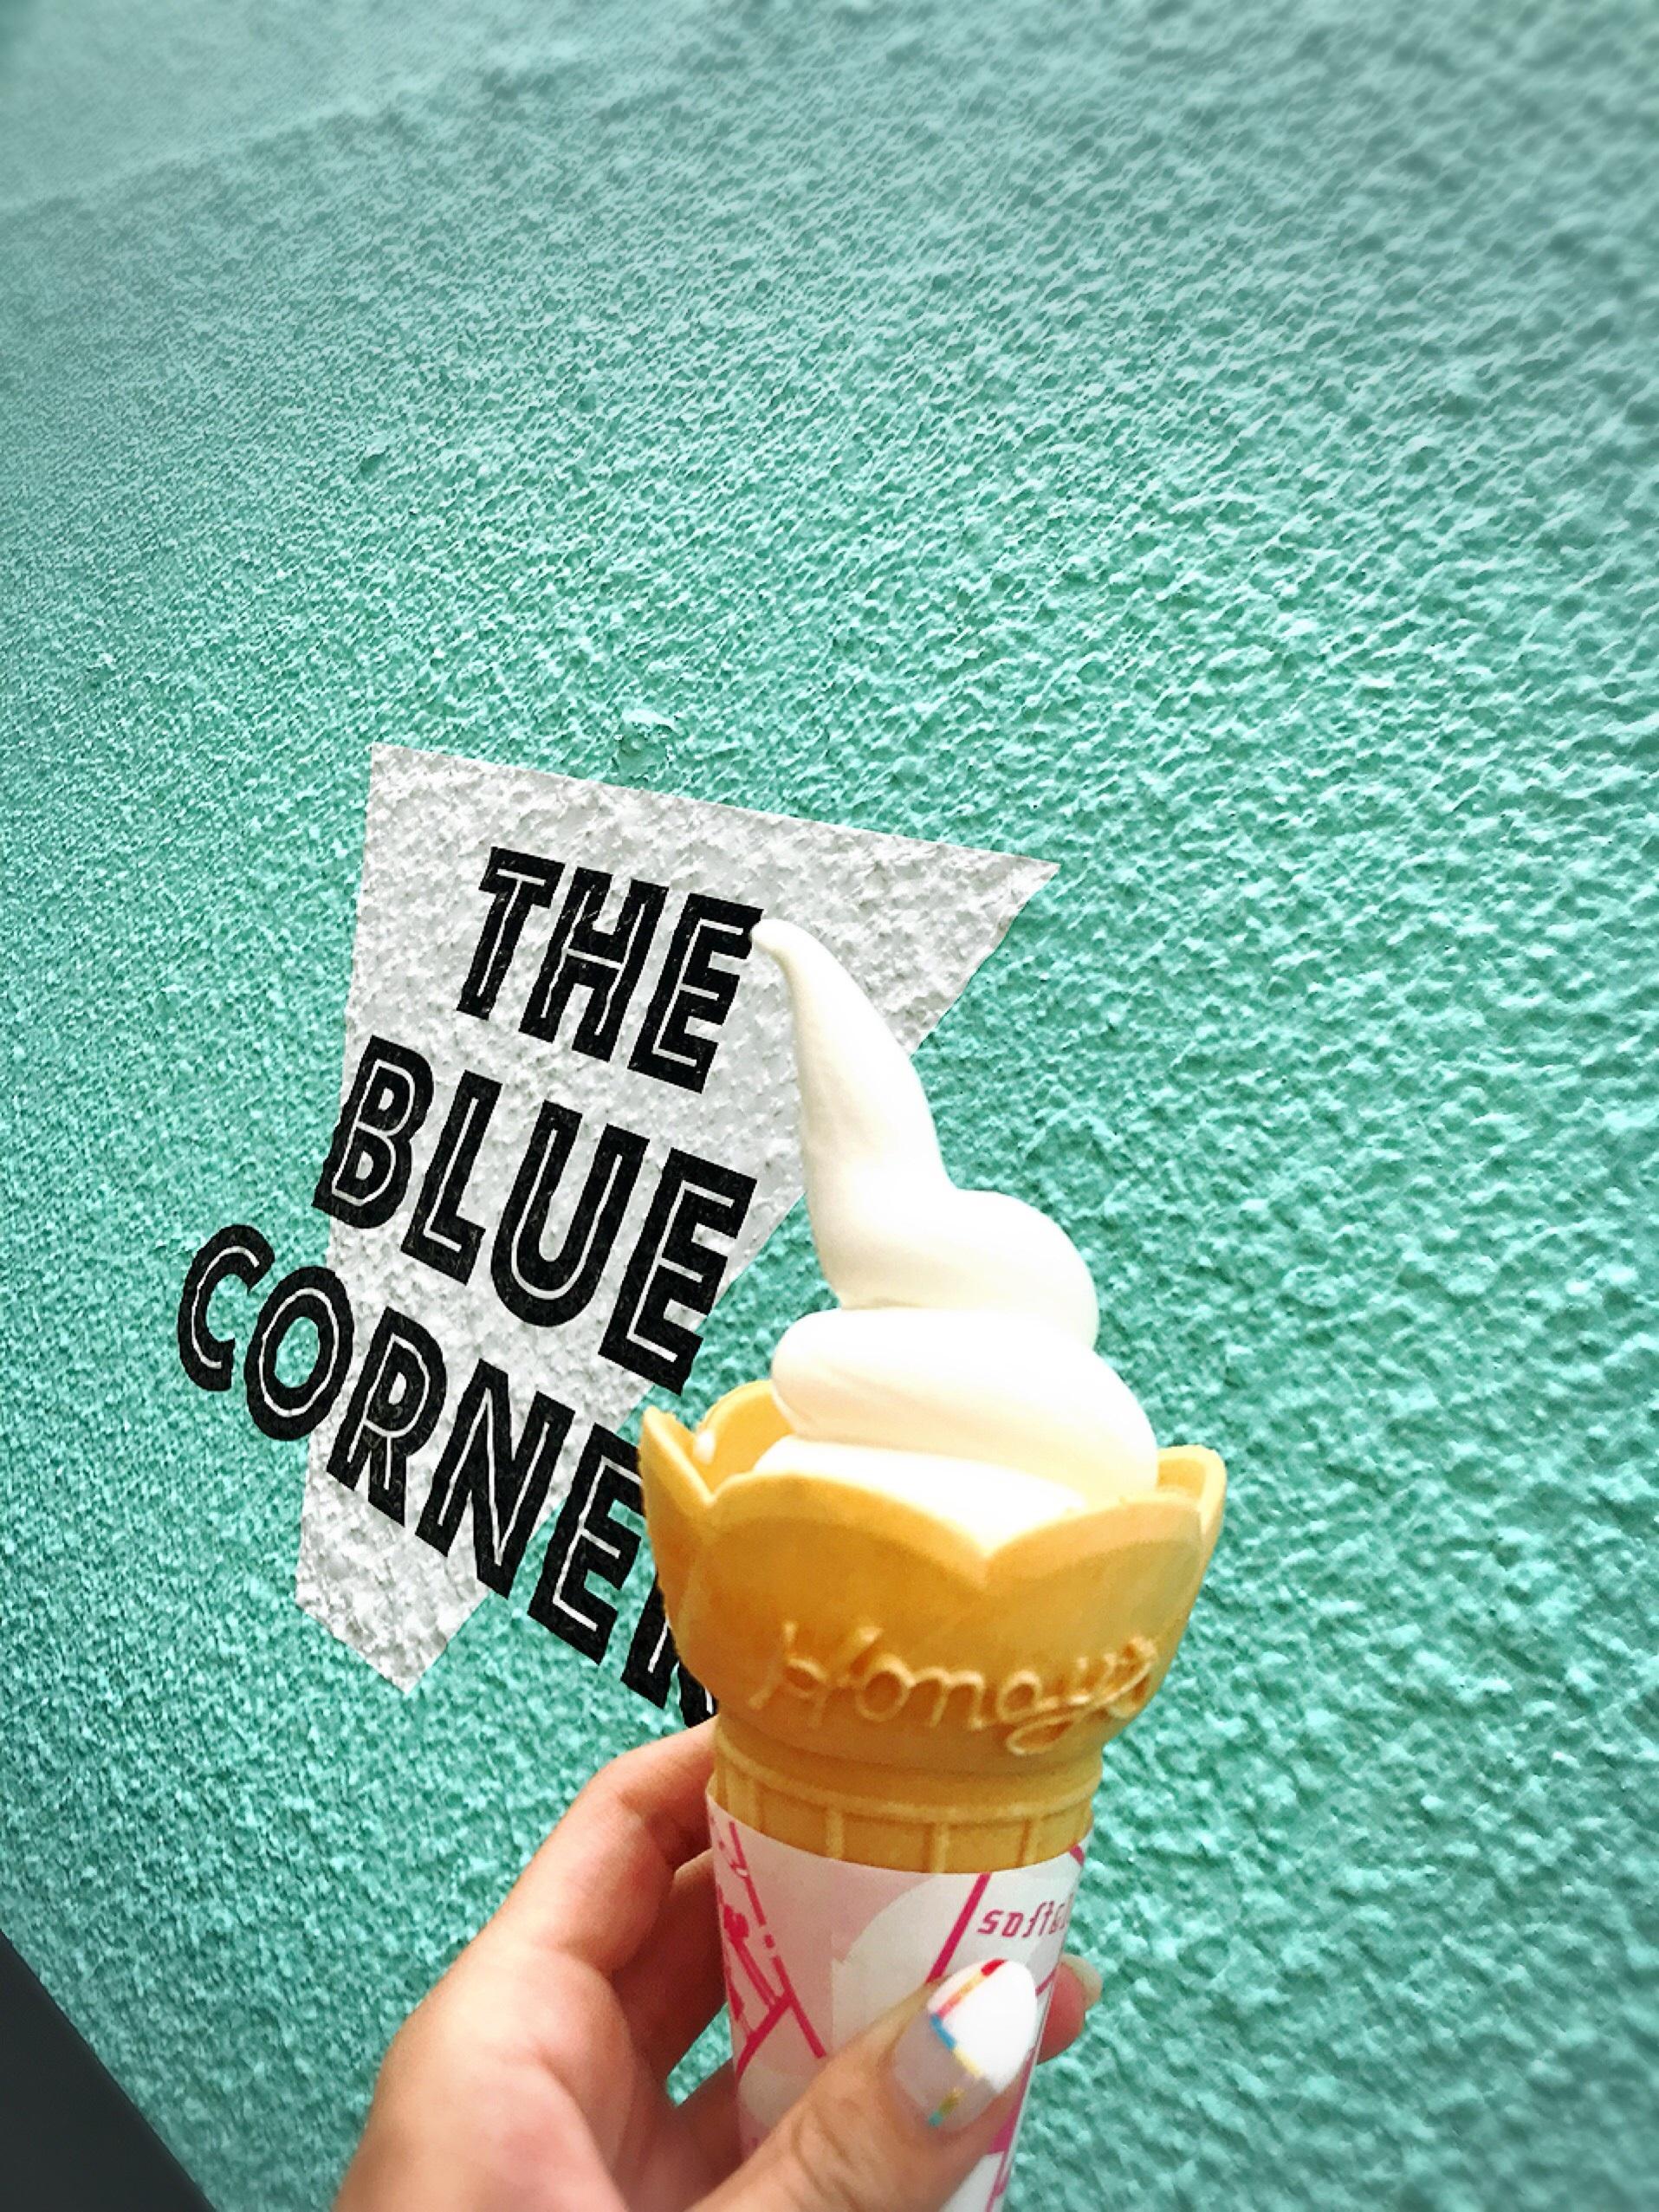 学芸大学駅からすぐ!北海道のミルクで作る濃厚ソフトクリーム店!